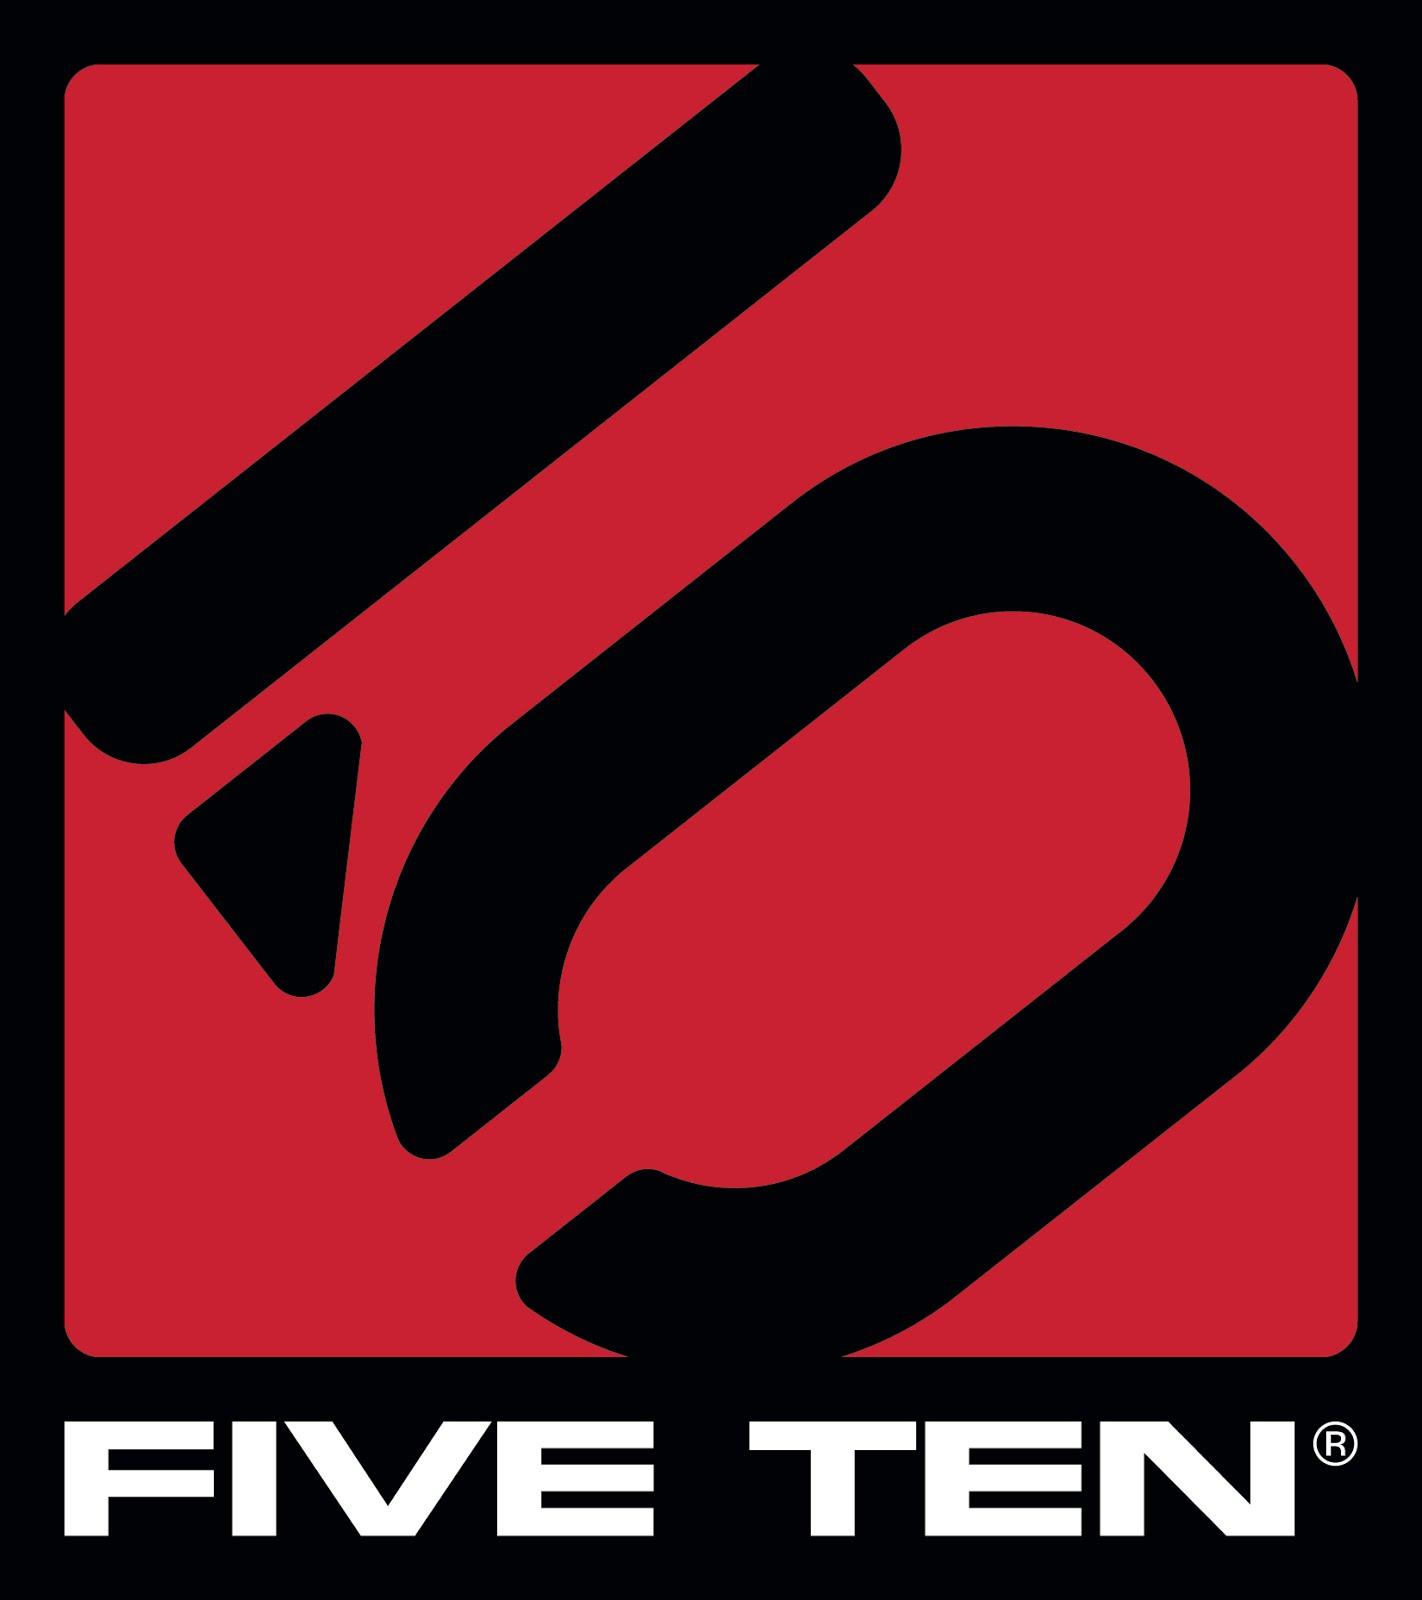 Sponsors: Five Ten